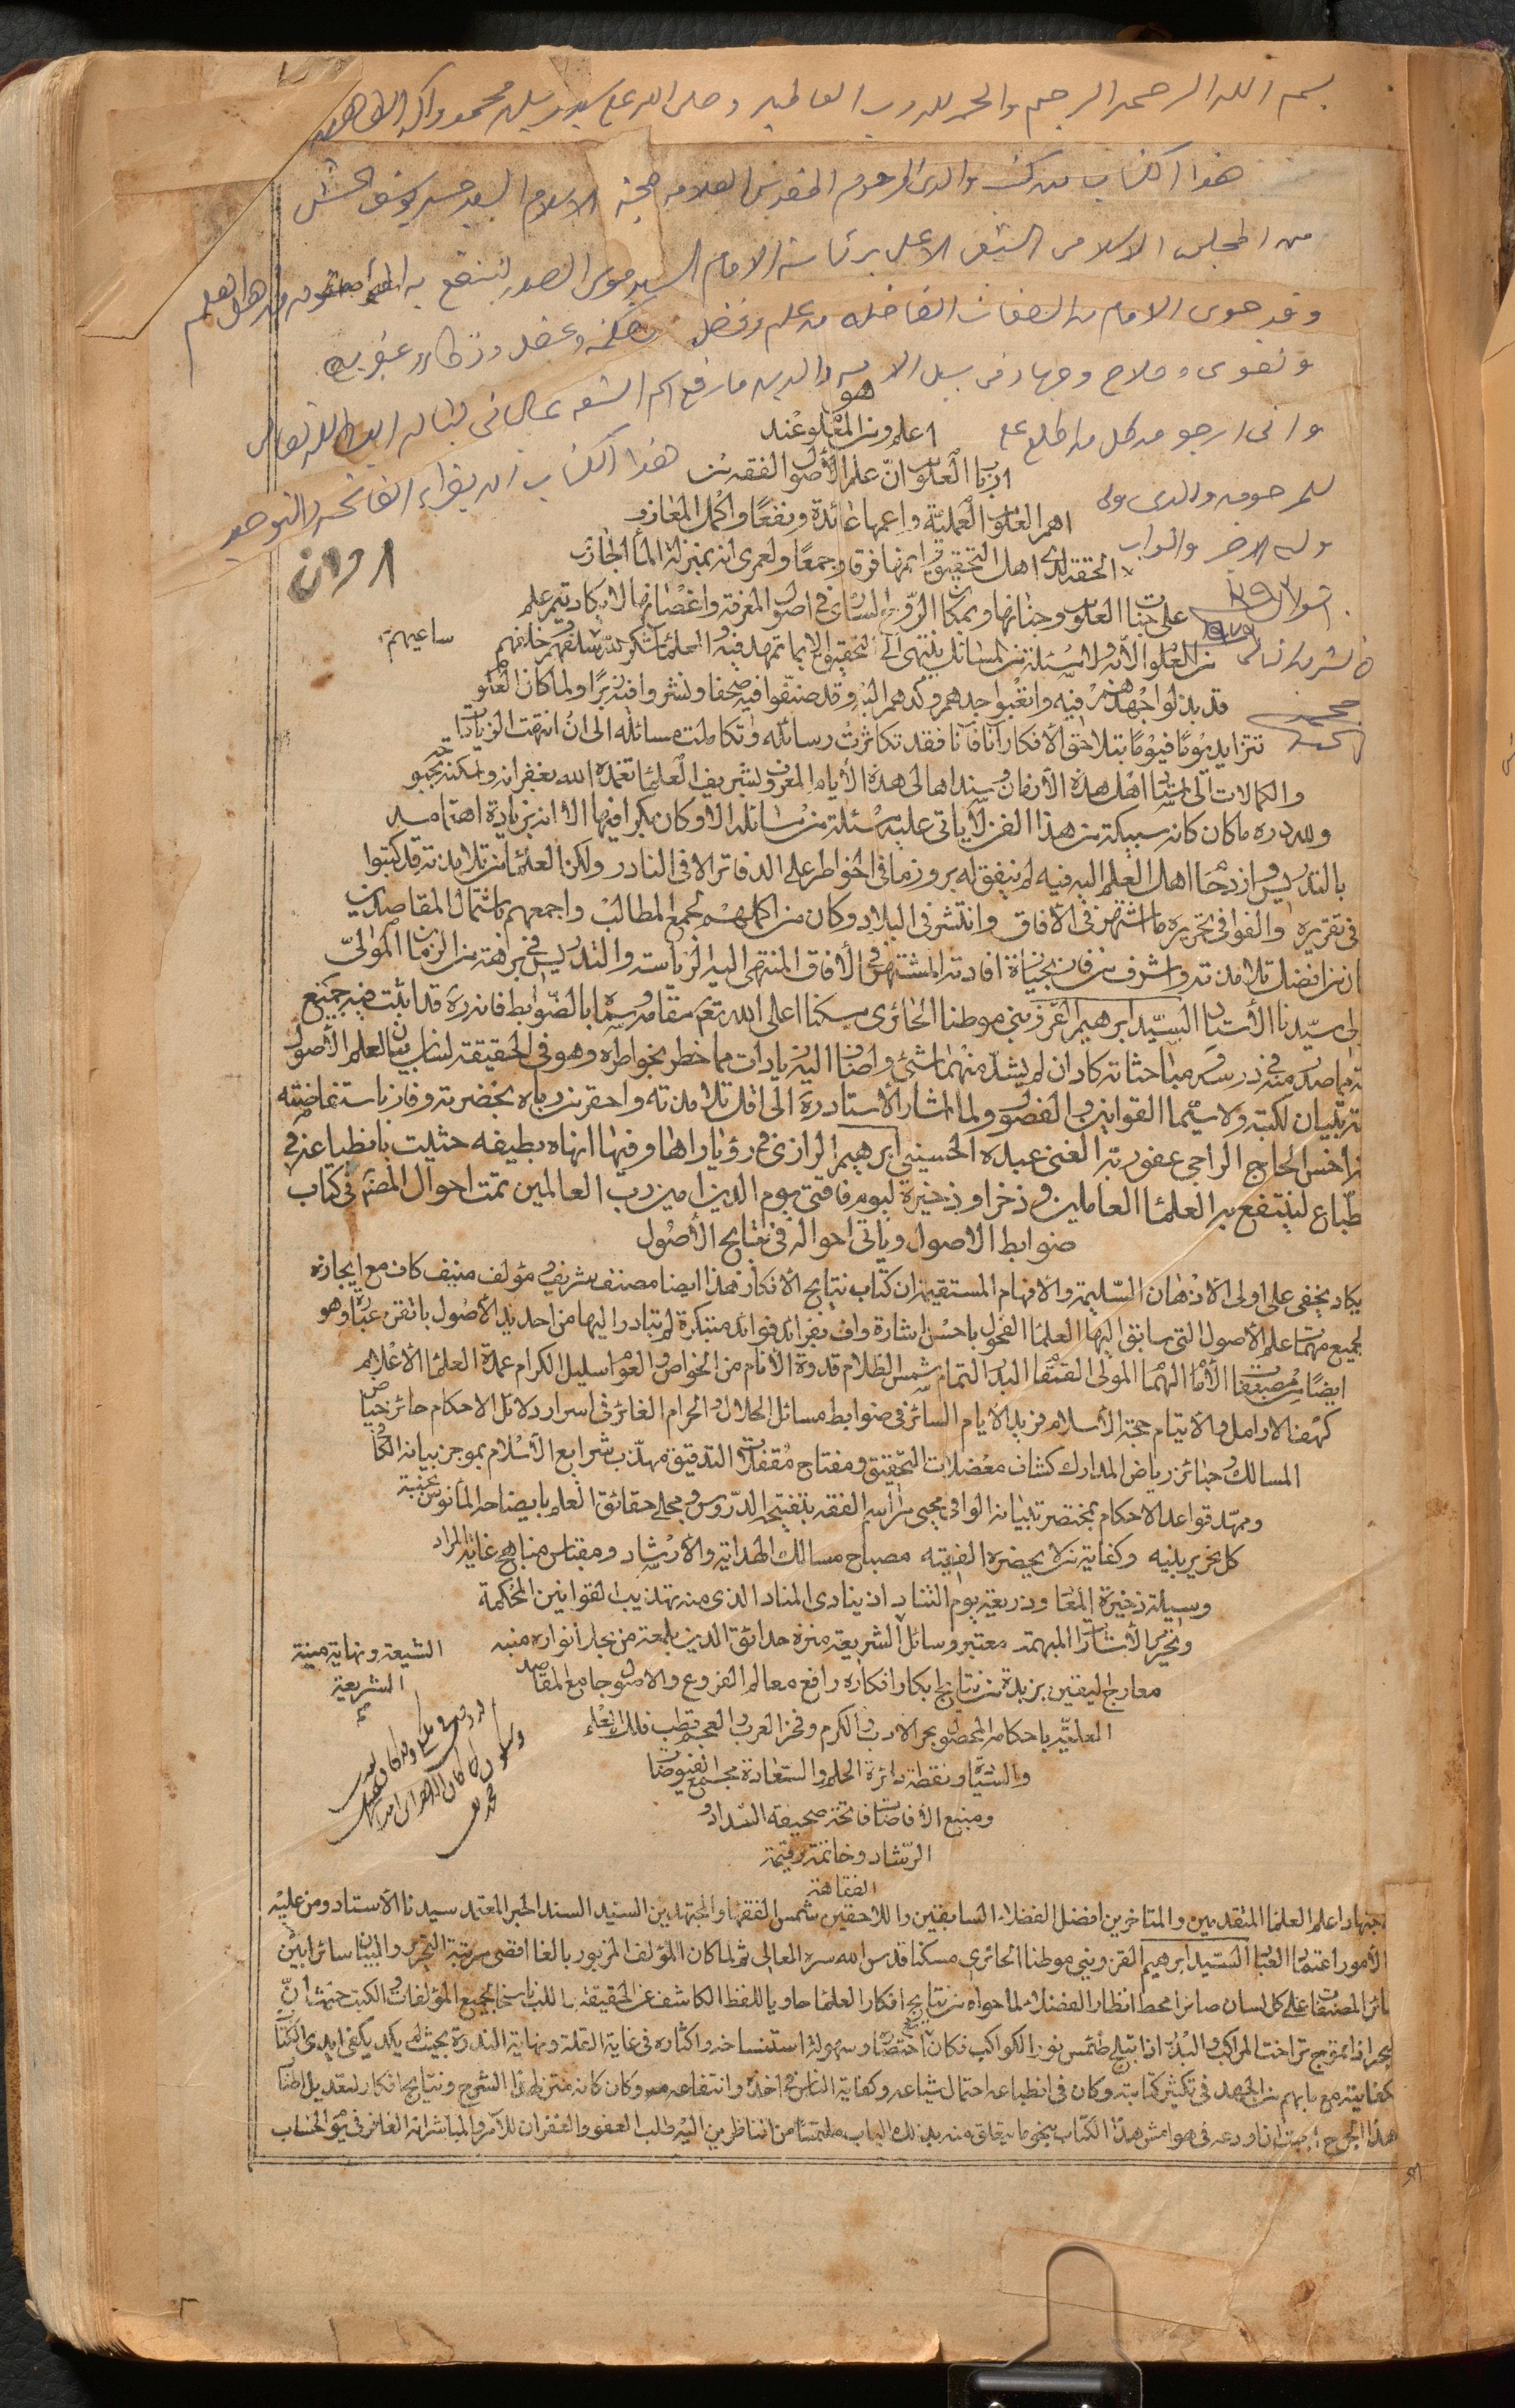 Qazwīnī, Ibrāhīm ibn Muḥammad Bāqir, 1799 or 1800-1847 or 8. [Ḍawābiṭ al-uṣūl]. [Tehran? :  s.n.], 1271 [1854 or 1855].